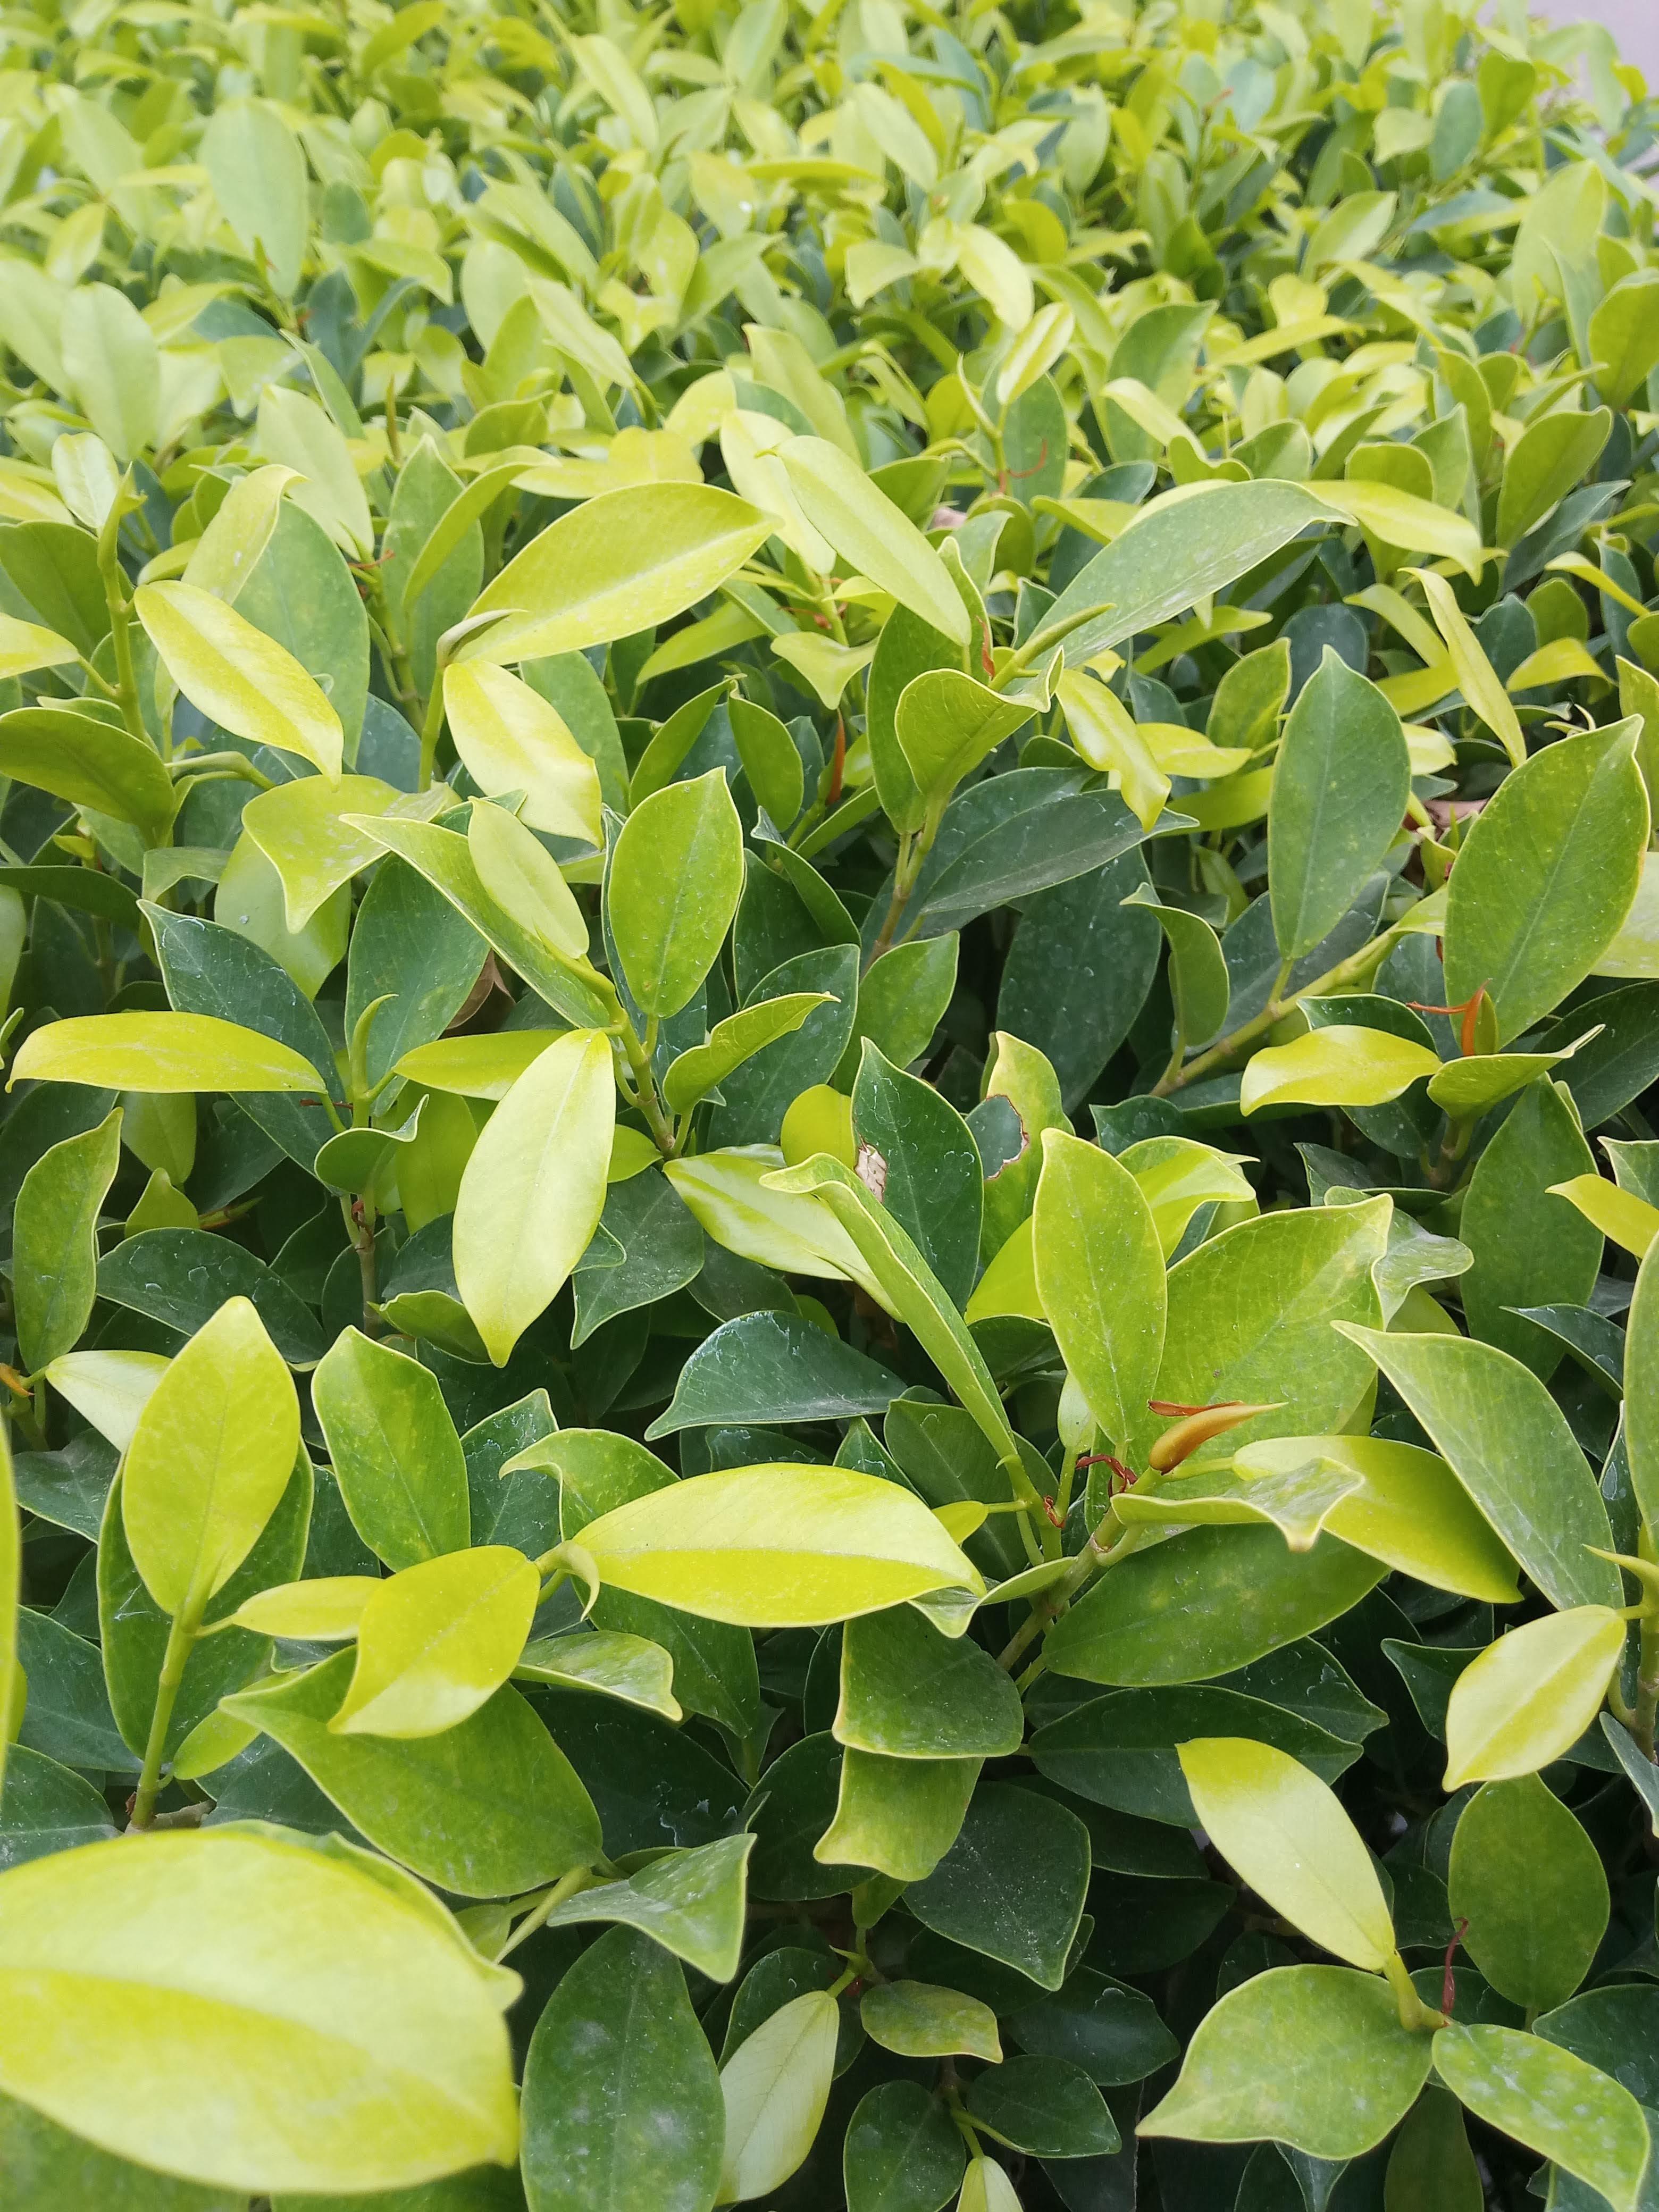 Kostenloses Stock Foto zu blatt, blätter, dunkelgrün, dunkelgrüne pflanzen